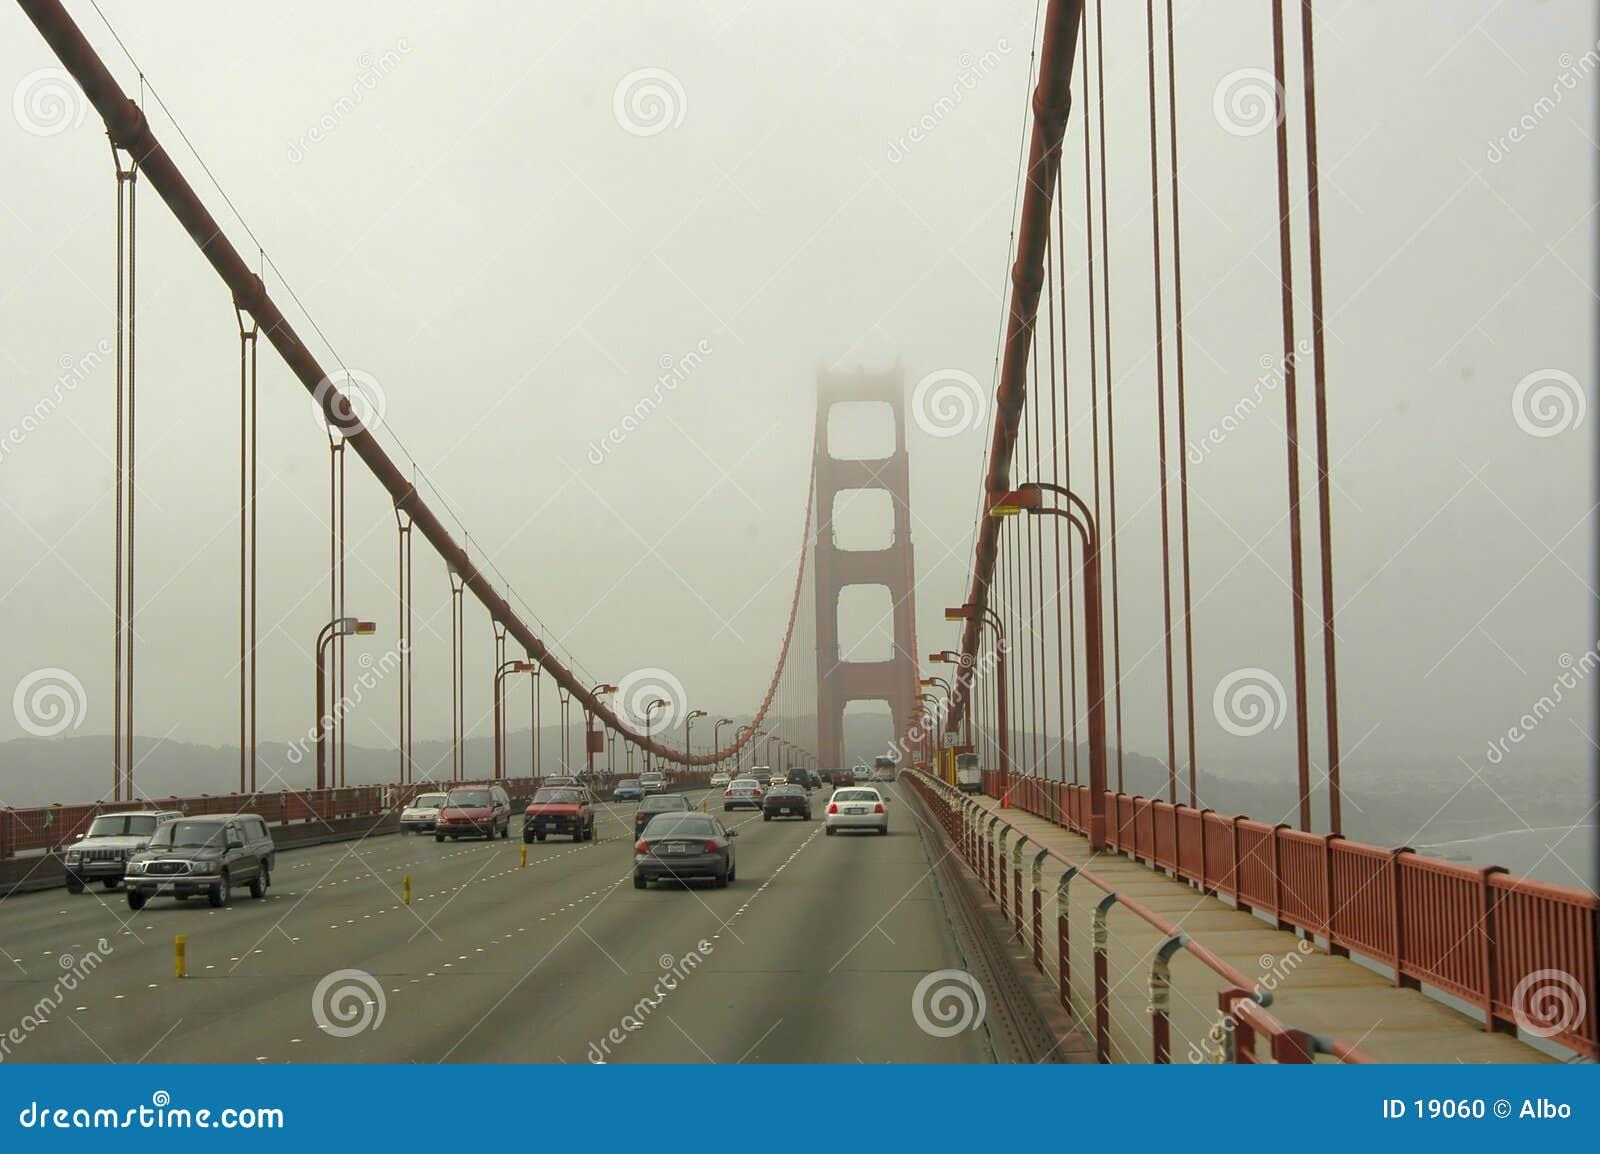 Golden Gateverkehr